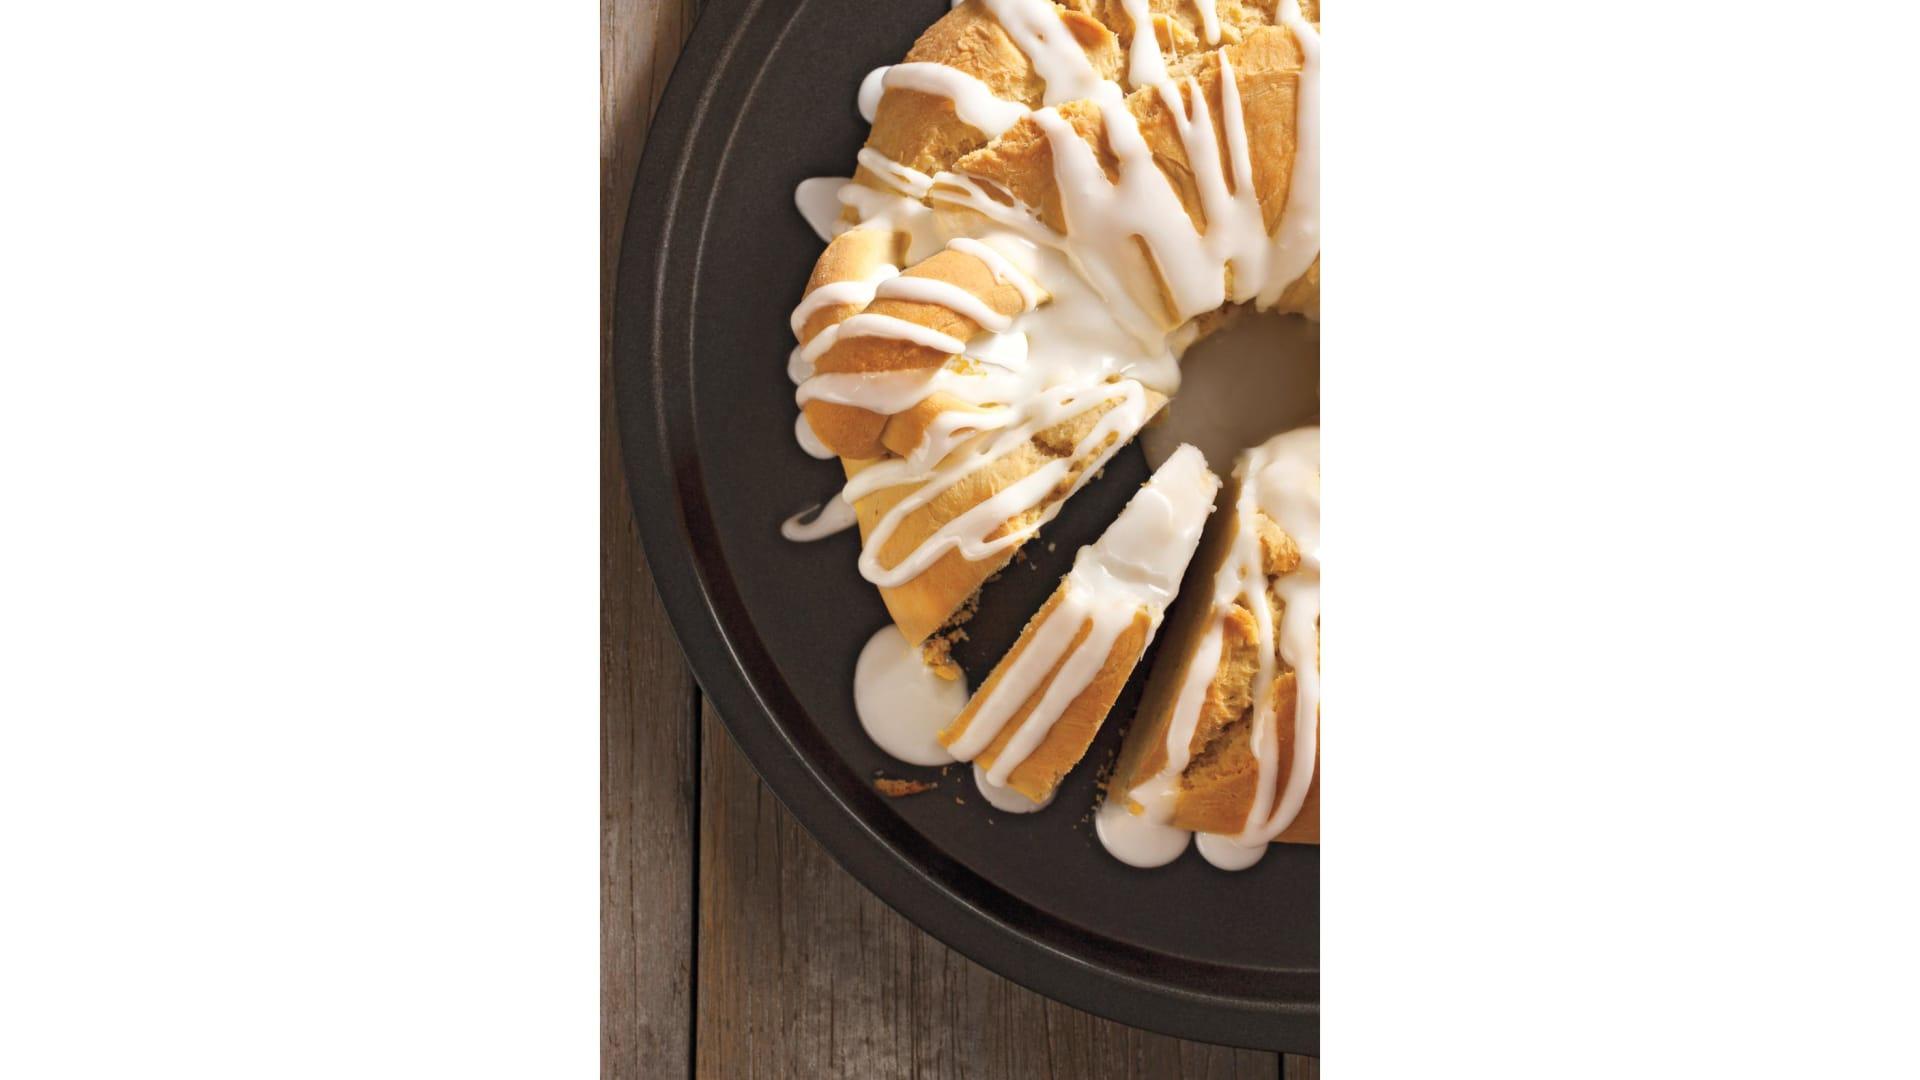 في هذا العام.. لم لا تجرب هذه الوصفة الشهية لخبز عيد الفصح